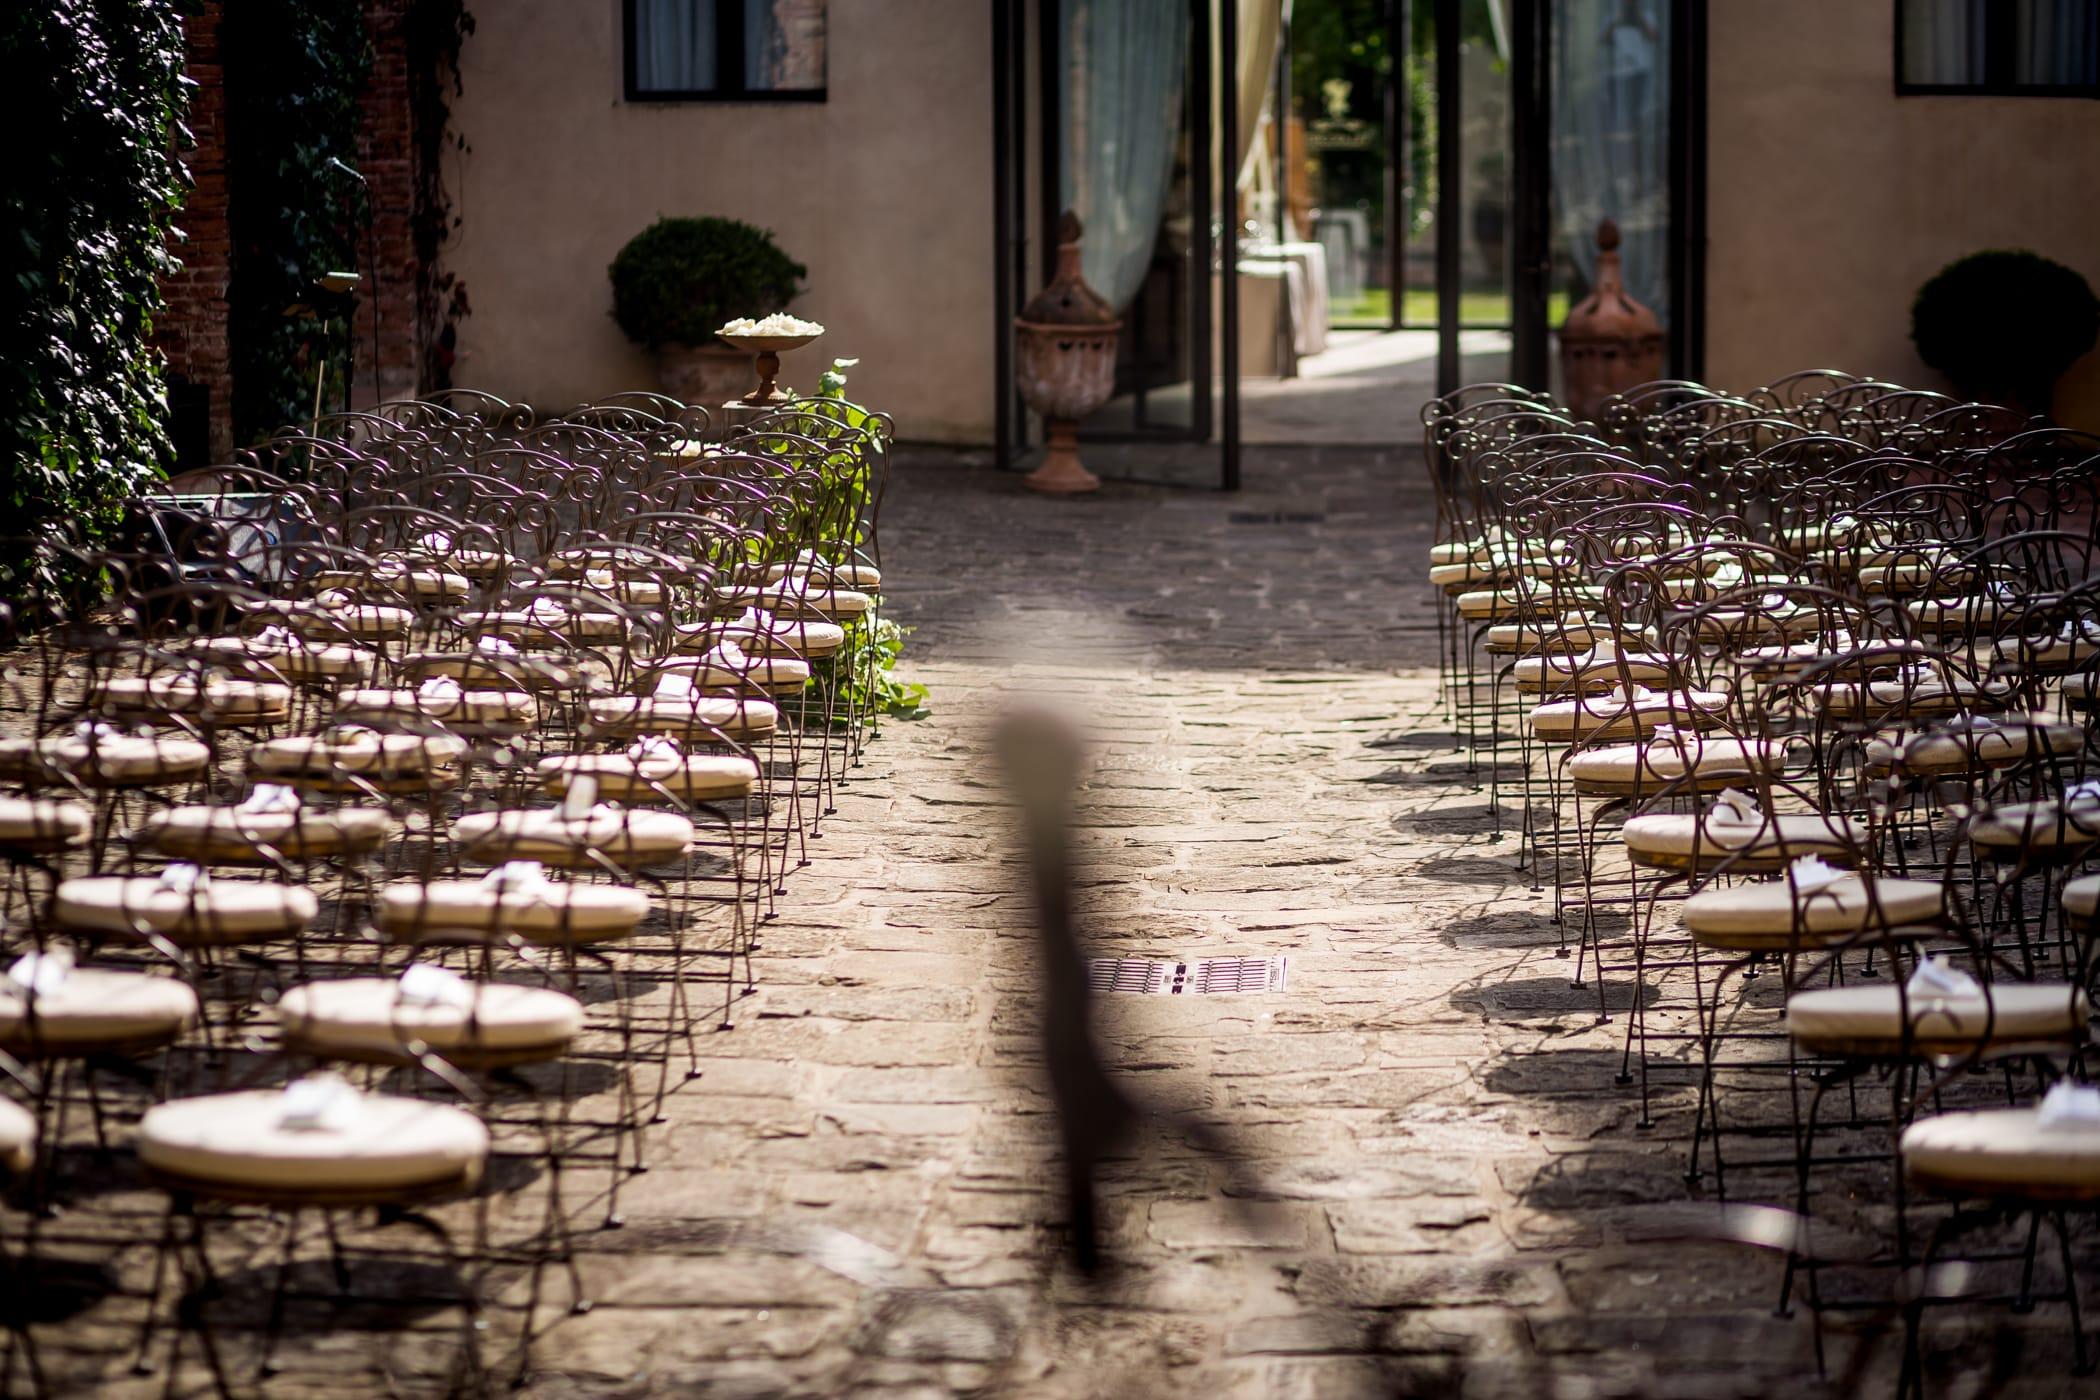 Matrimonio in borghi e ville storiche a Pisa. Giulia Alessandri Wedding Planner: progettazione e coordinazione matrimoni in Toscana.